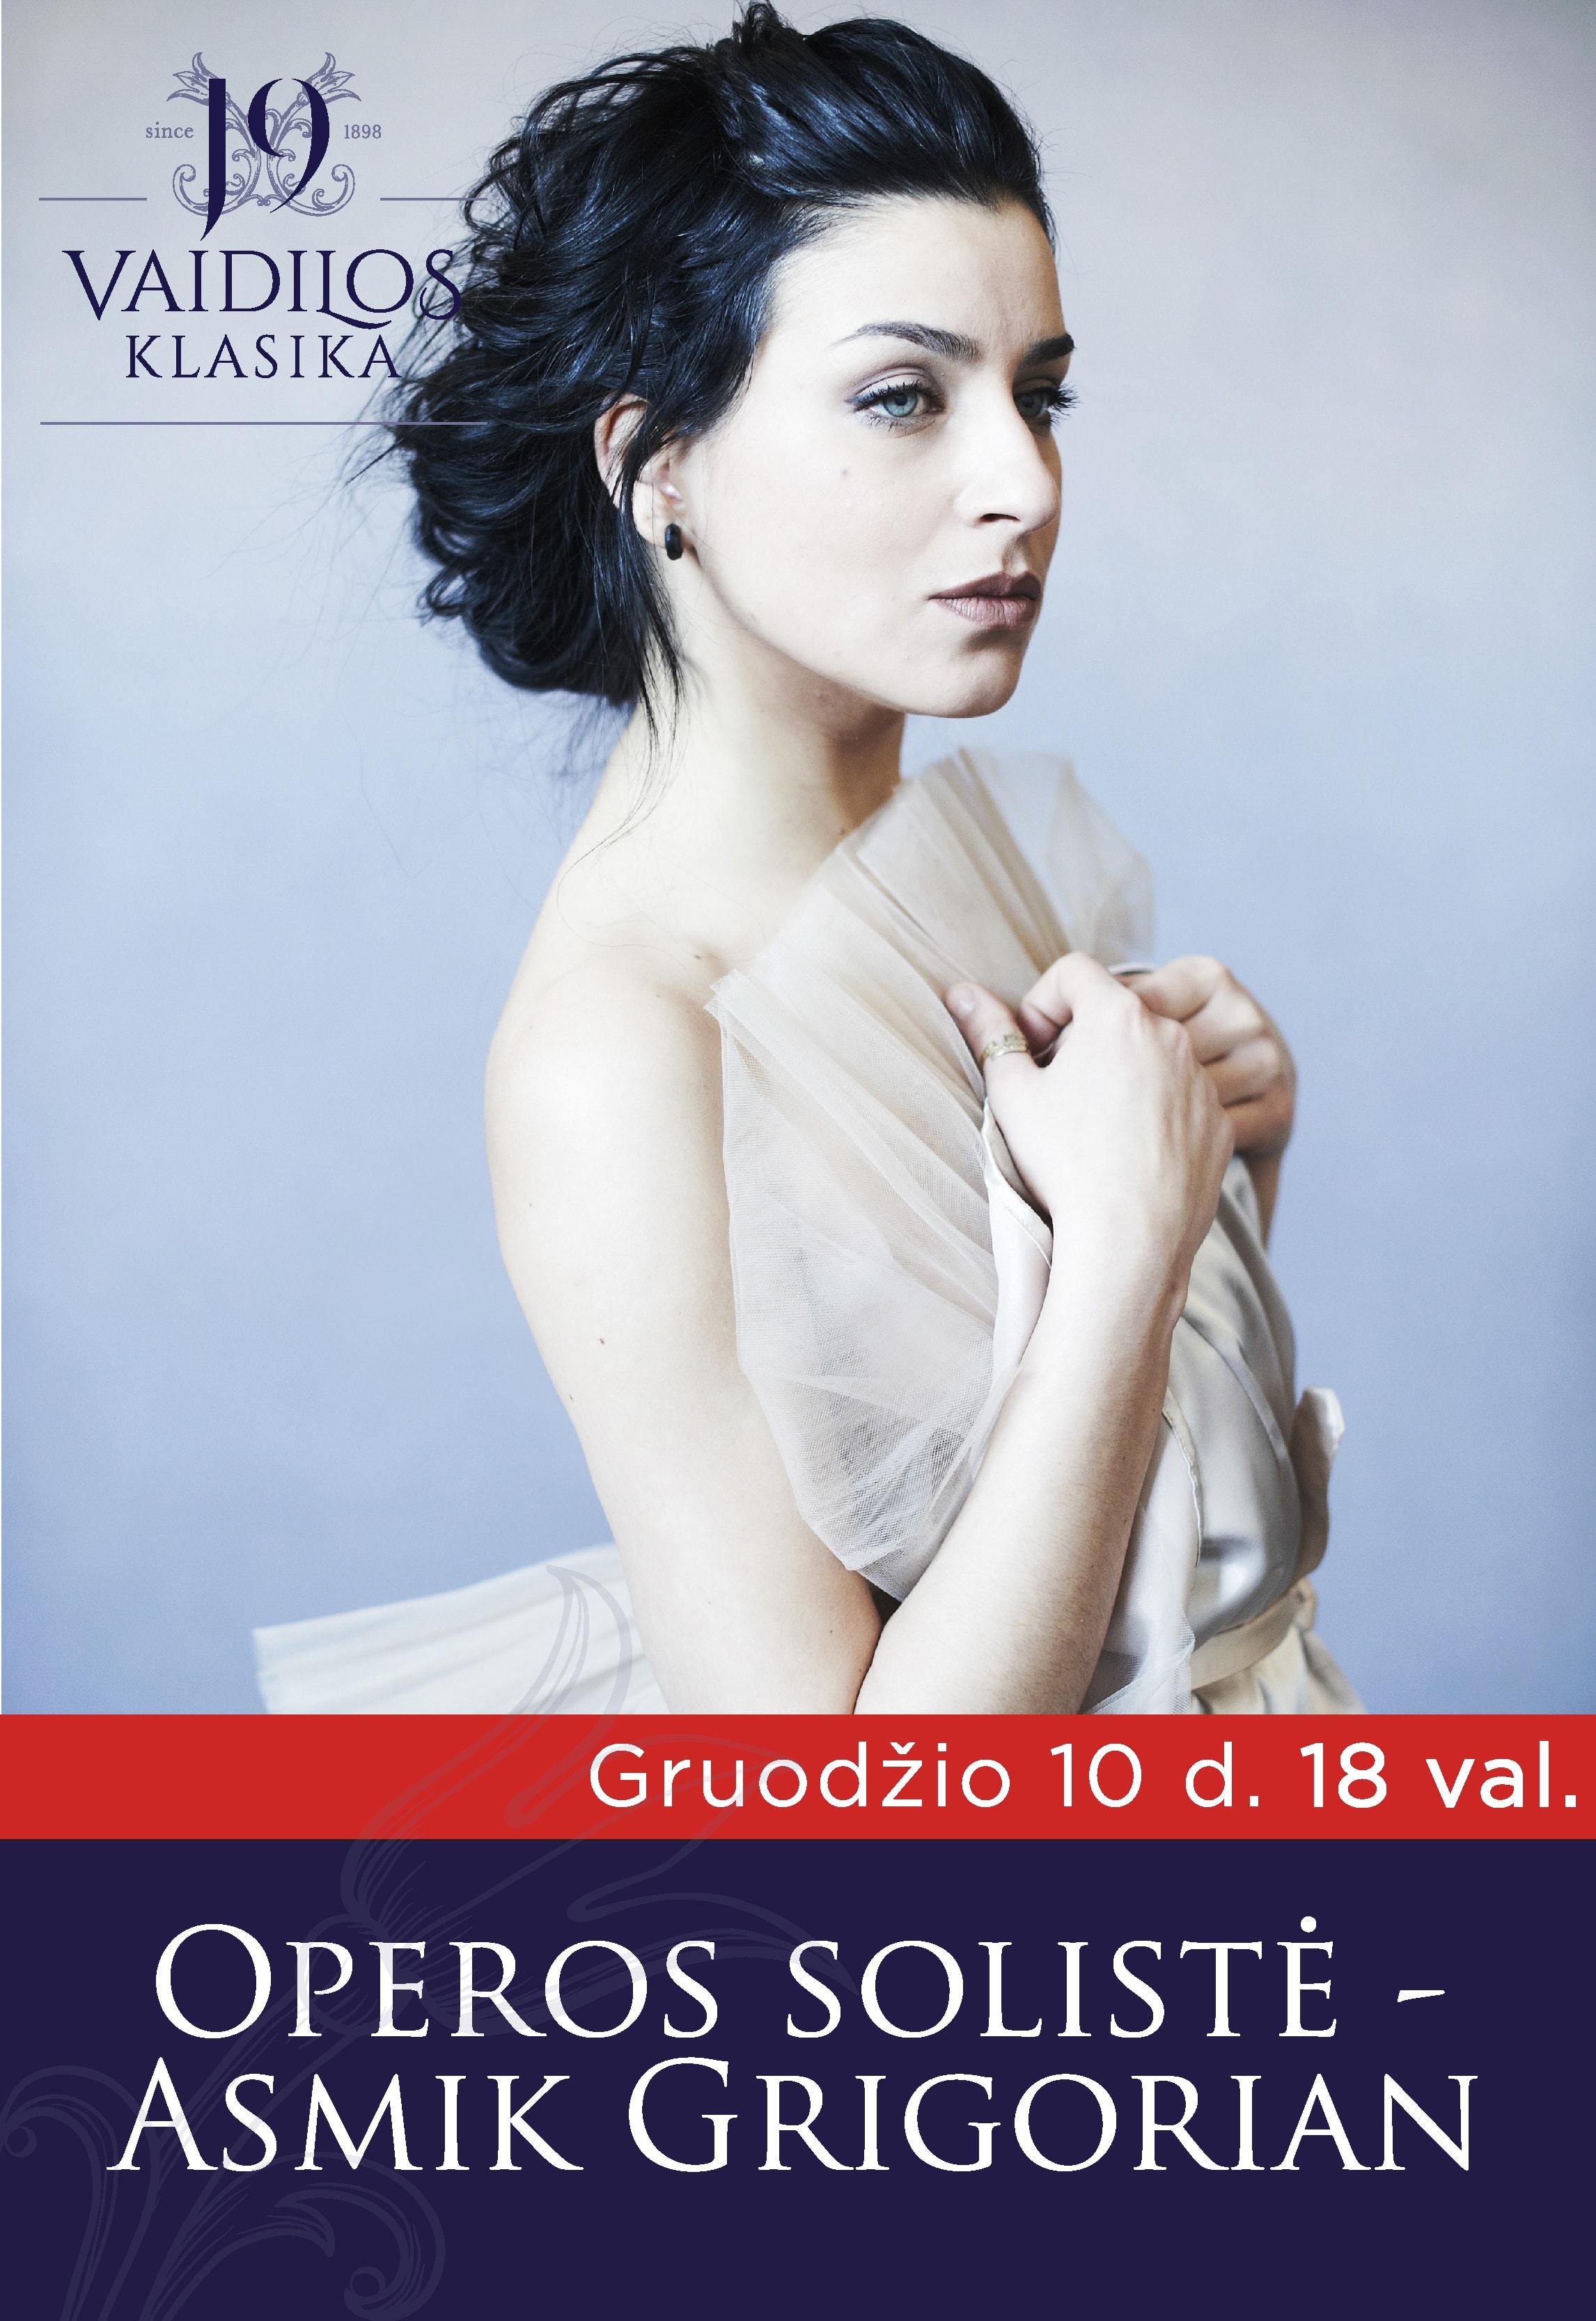 ATŠAUKTAS - Operos solistės Asmik Grigorian koncertas